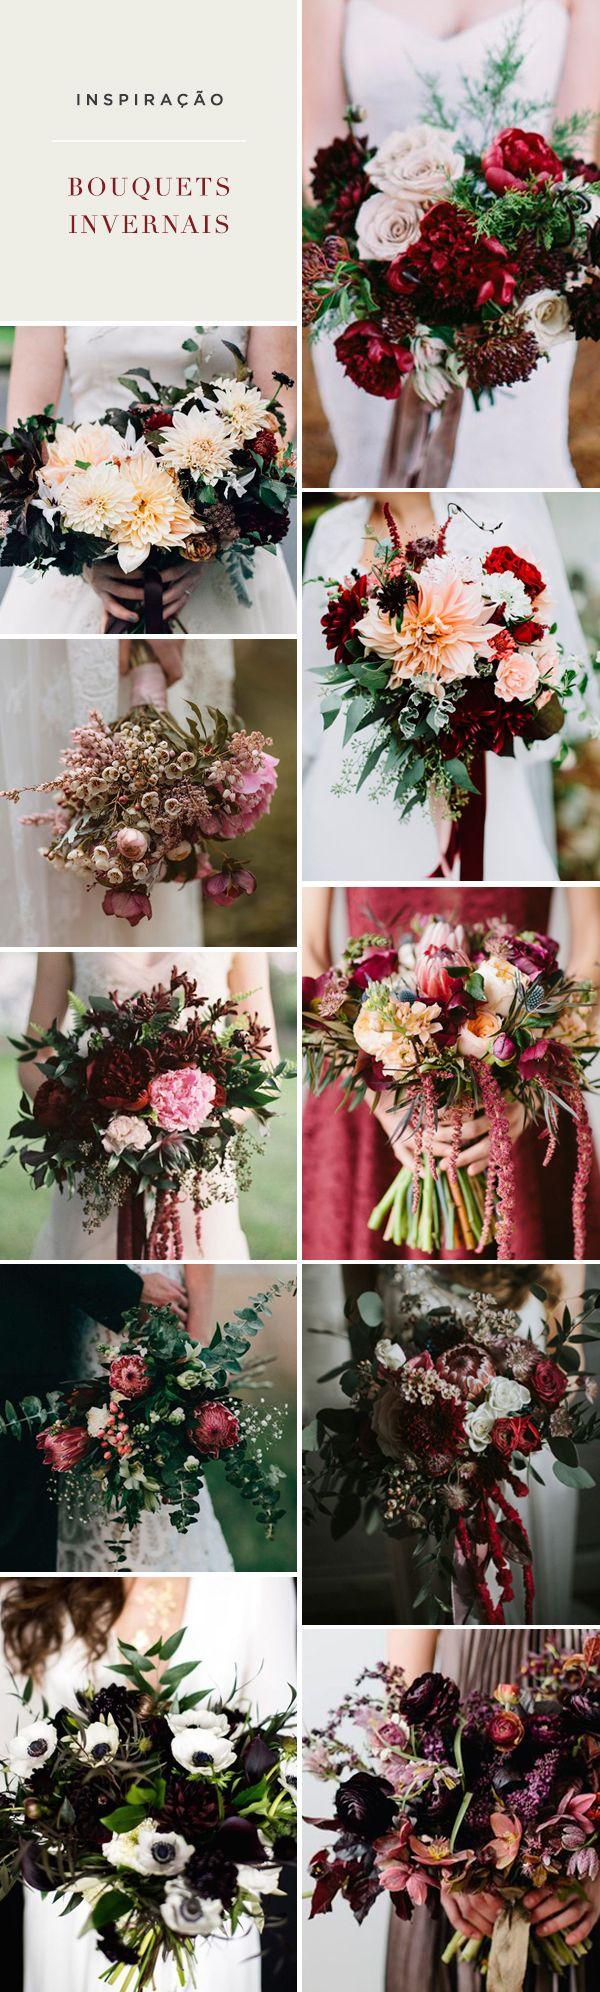 10 bouquets para casamentos no inverno